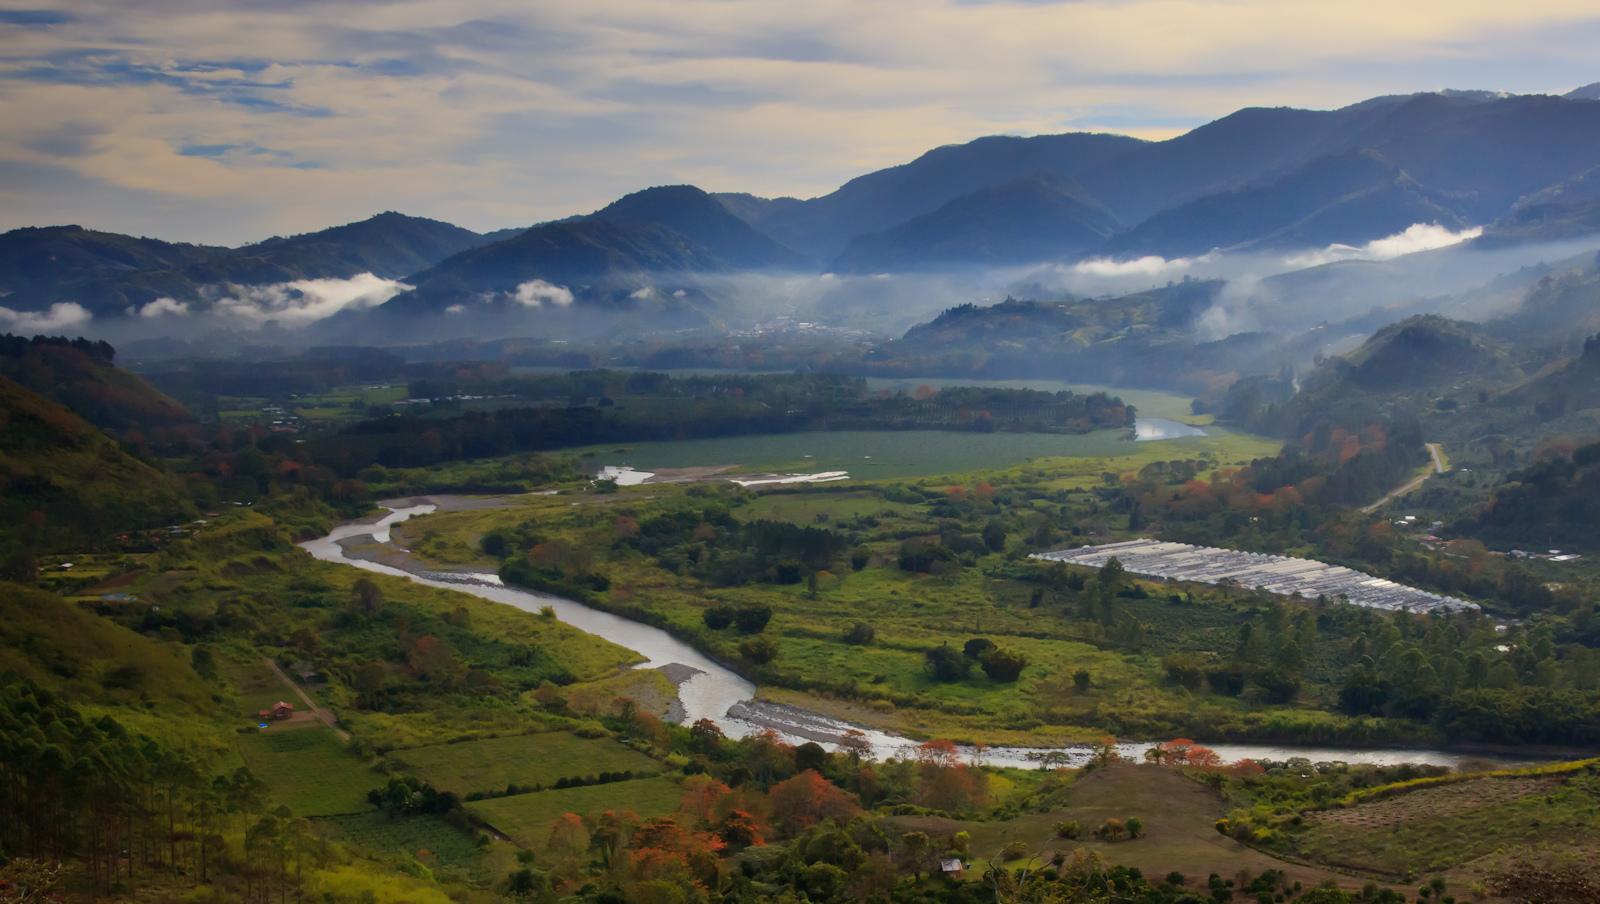 Costa Rica's Vast Hydropower Network